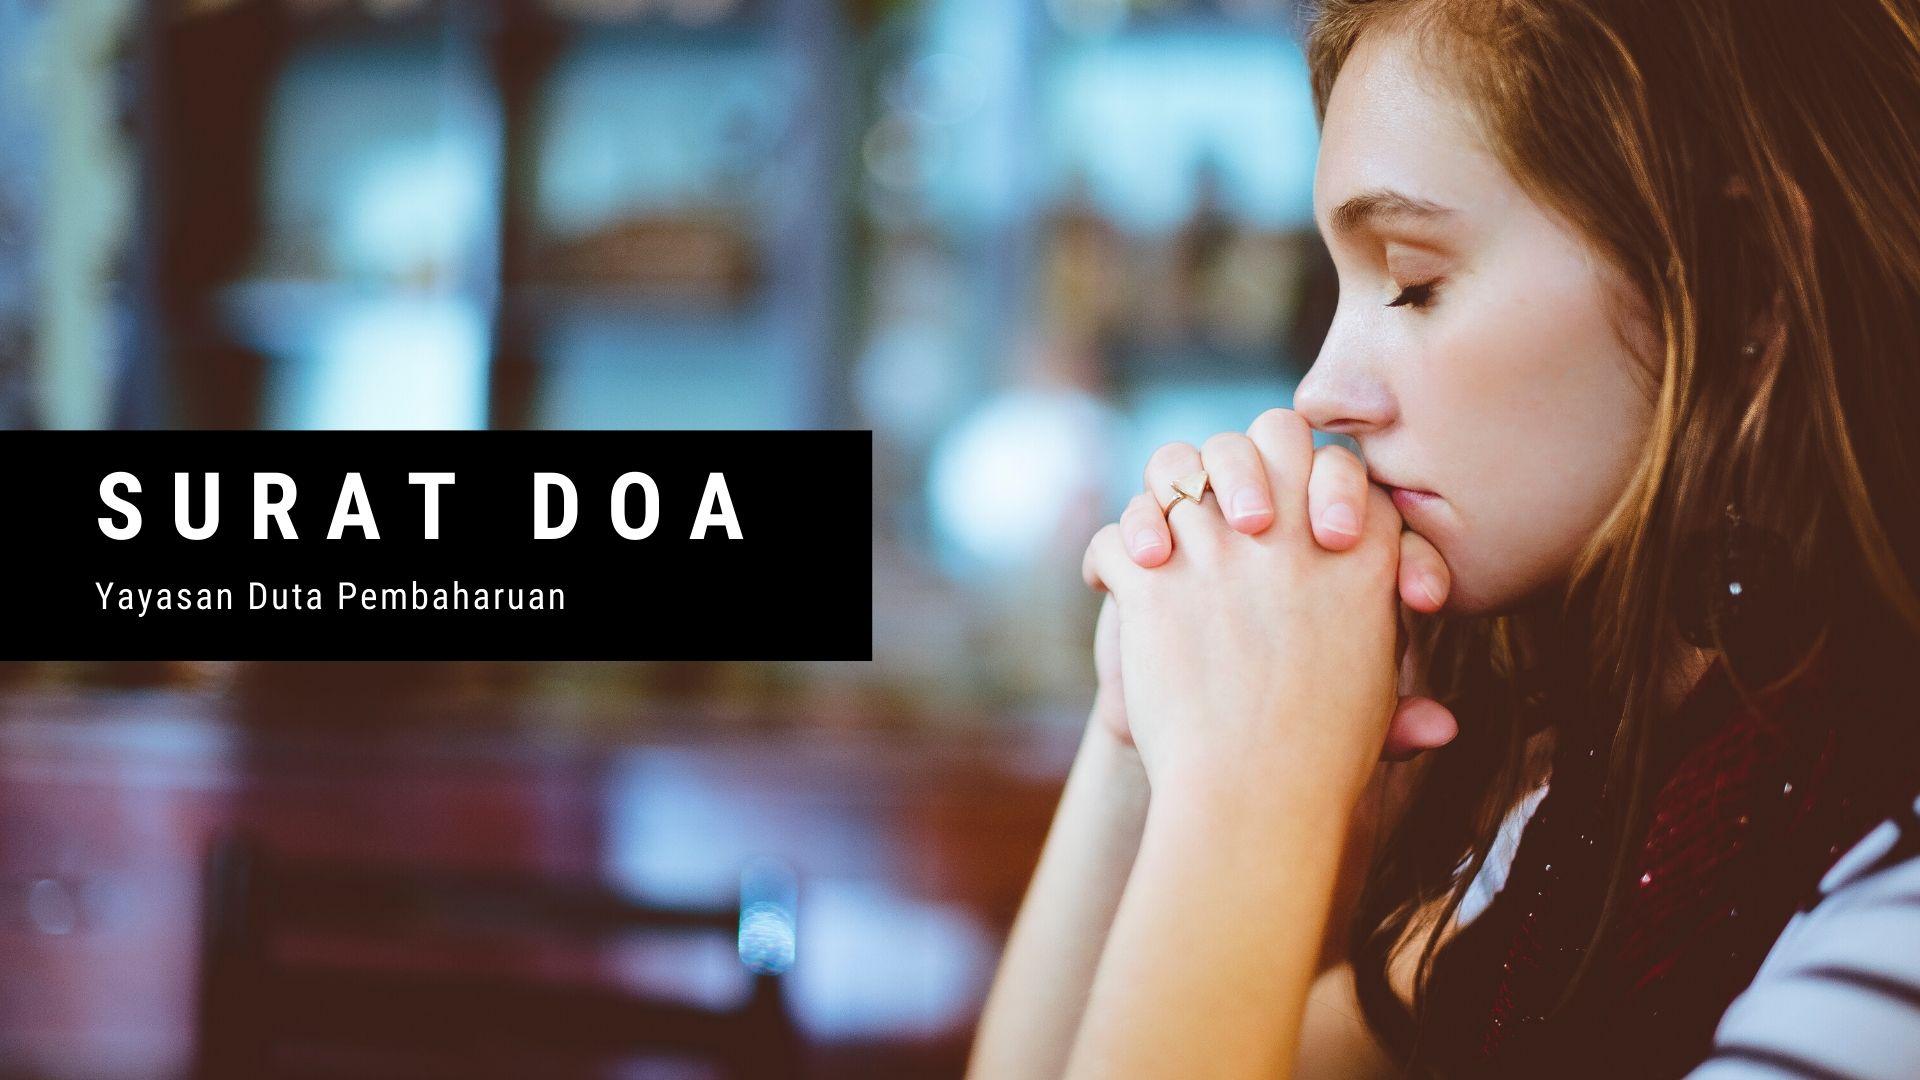 surat doa duta pembaharuan